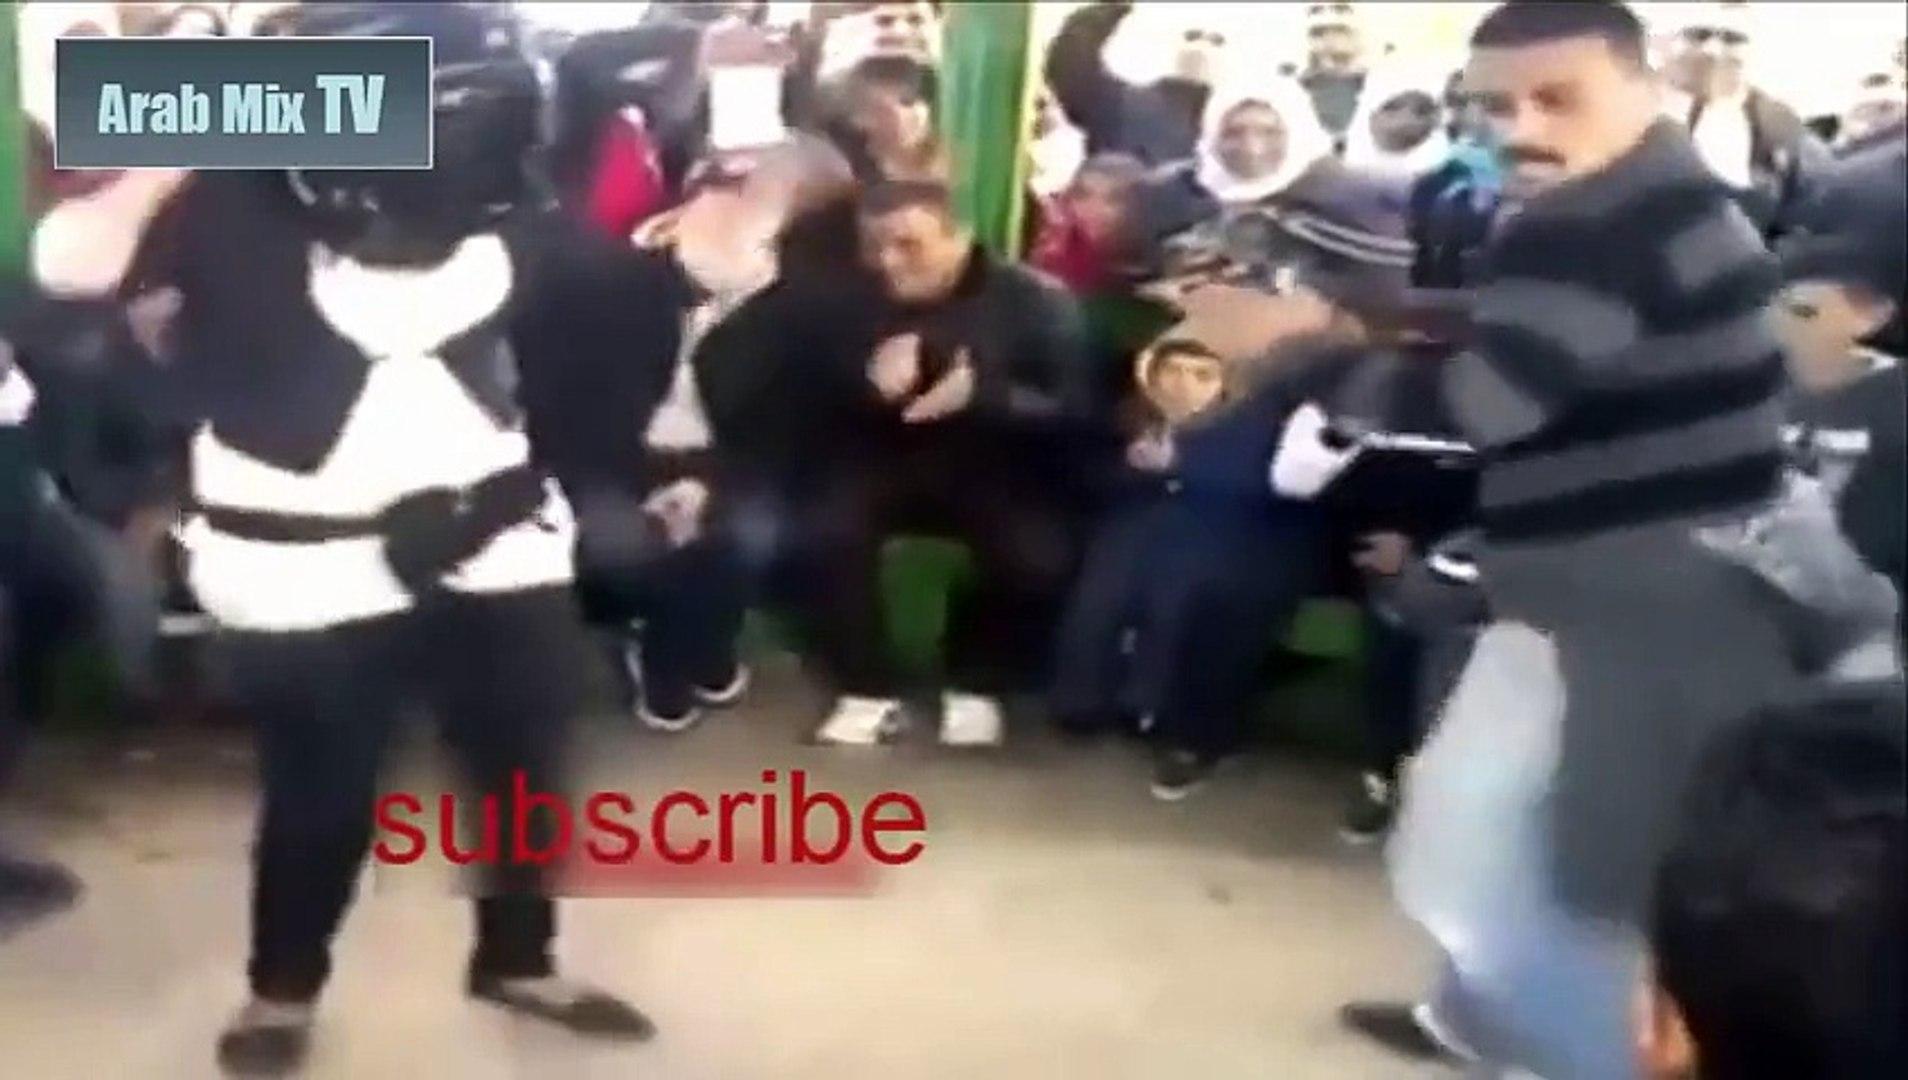 رقص مصري مصخرة جديد 2015 - رقص ممحونة وسط حشد من المتفرجين - رقص خليجي مثير جدا